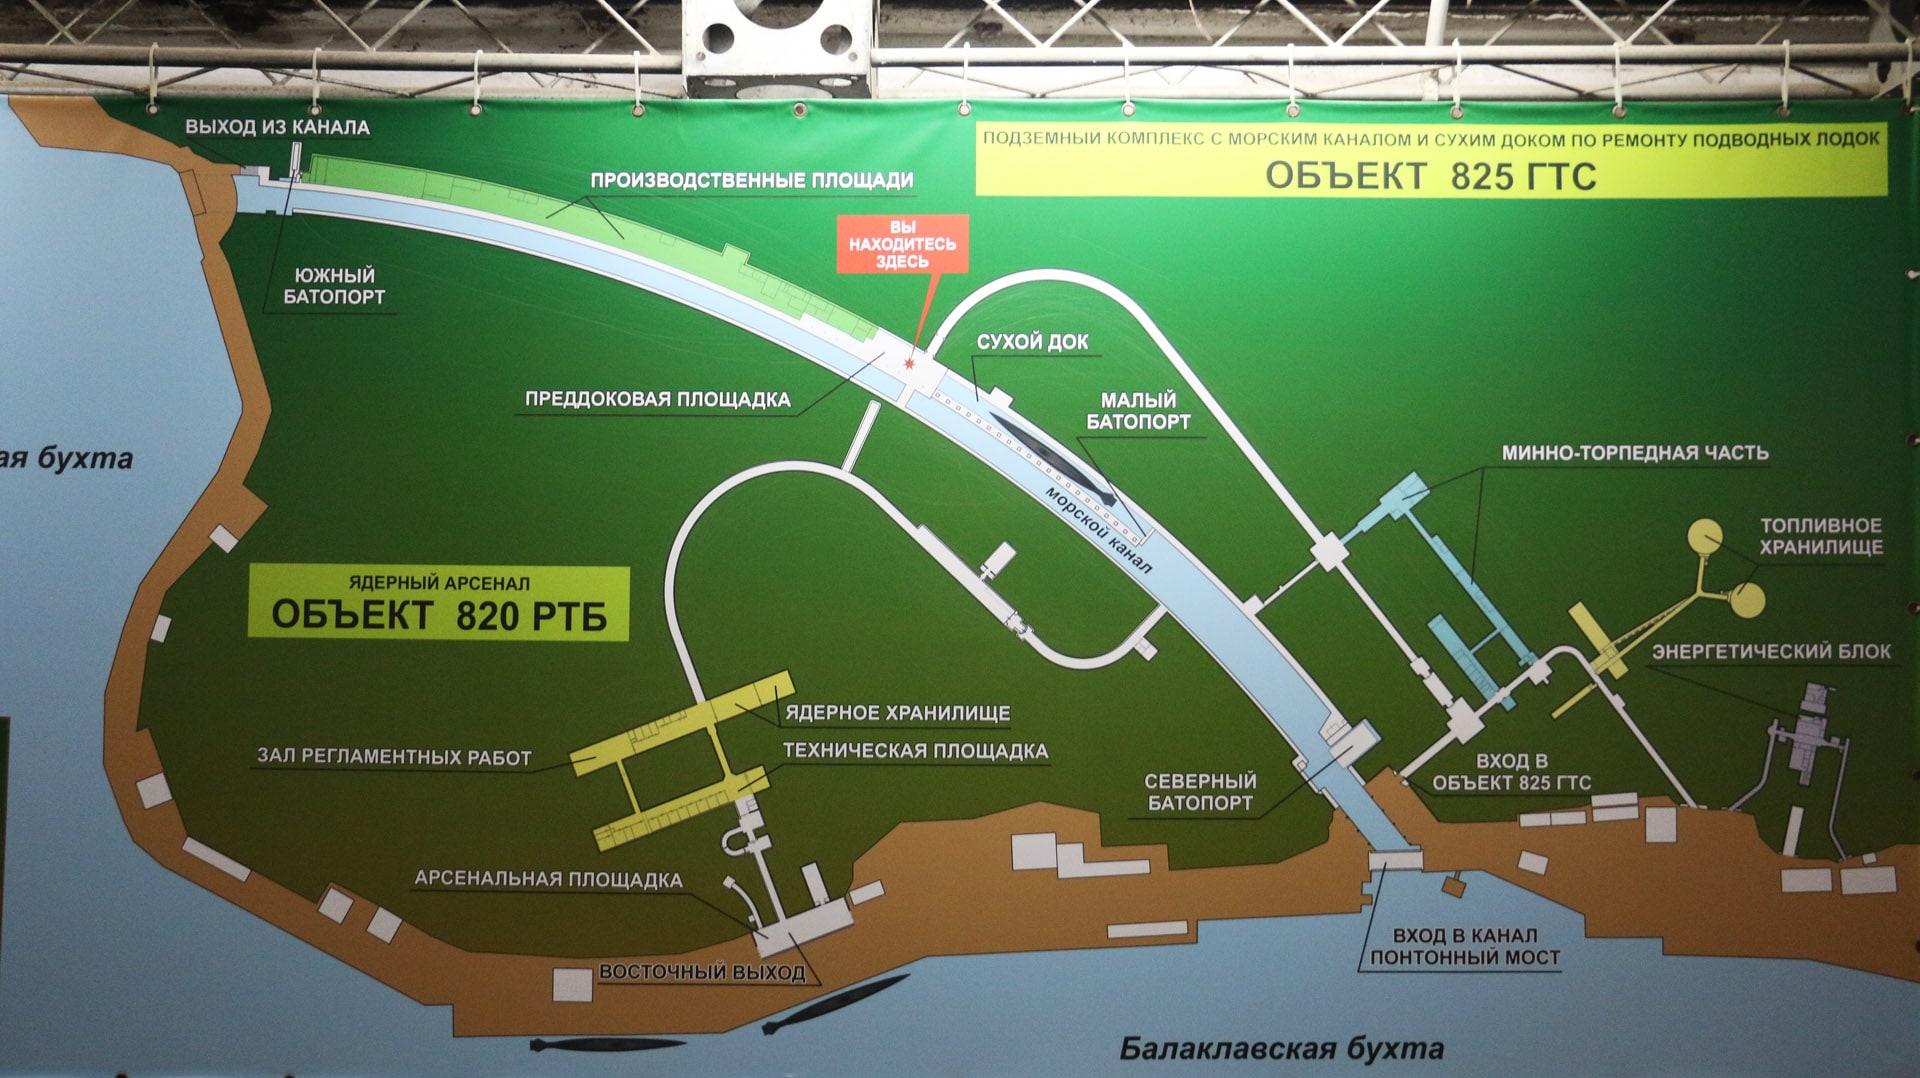 Карта Балаклавского музея подводных лодок